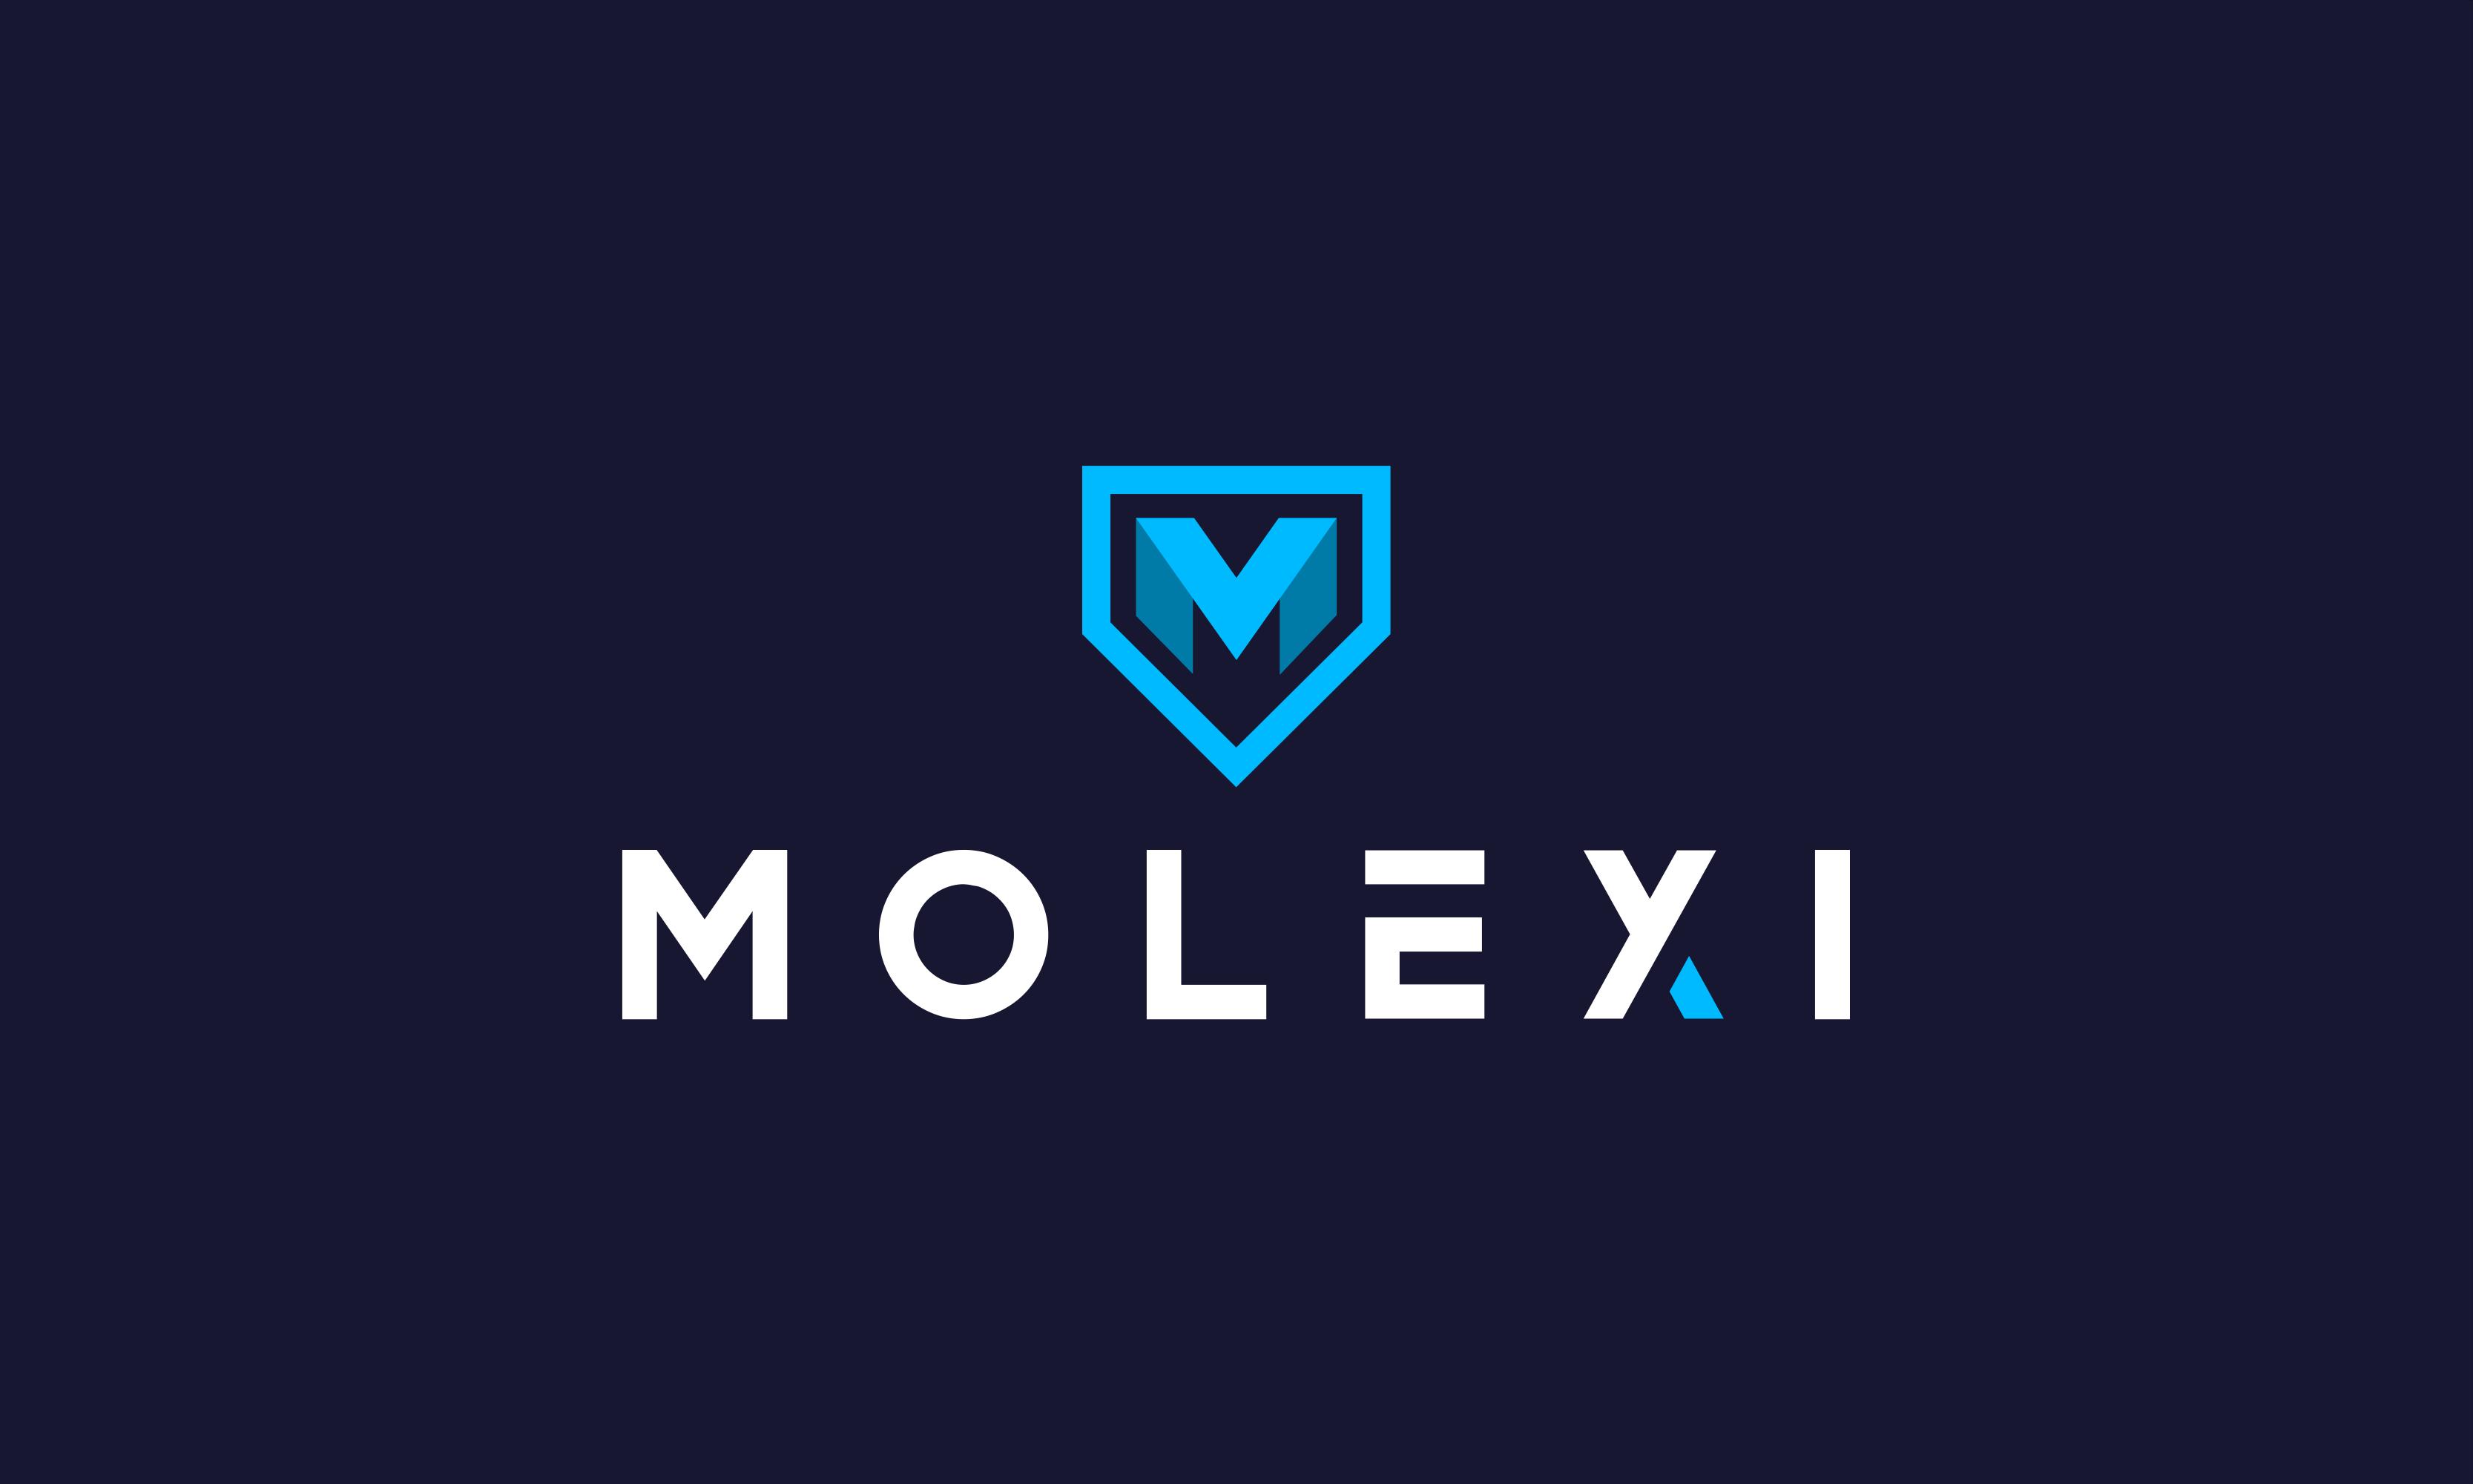 molexi.com